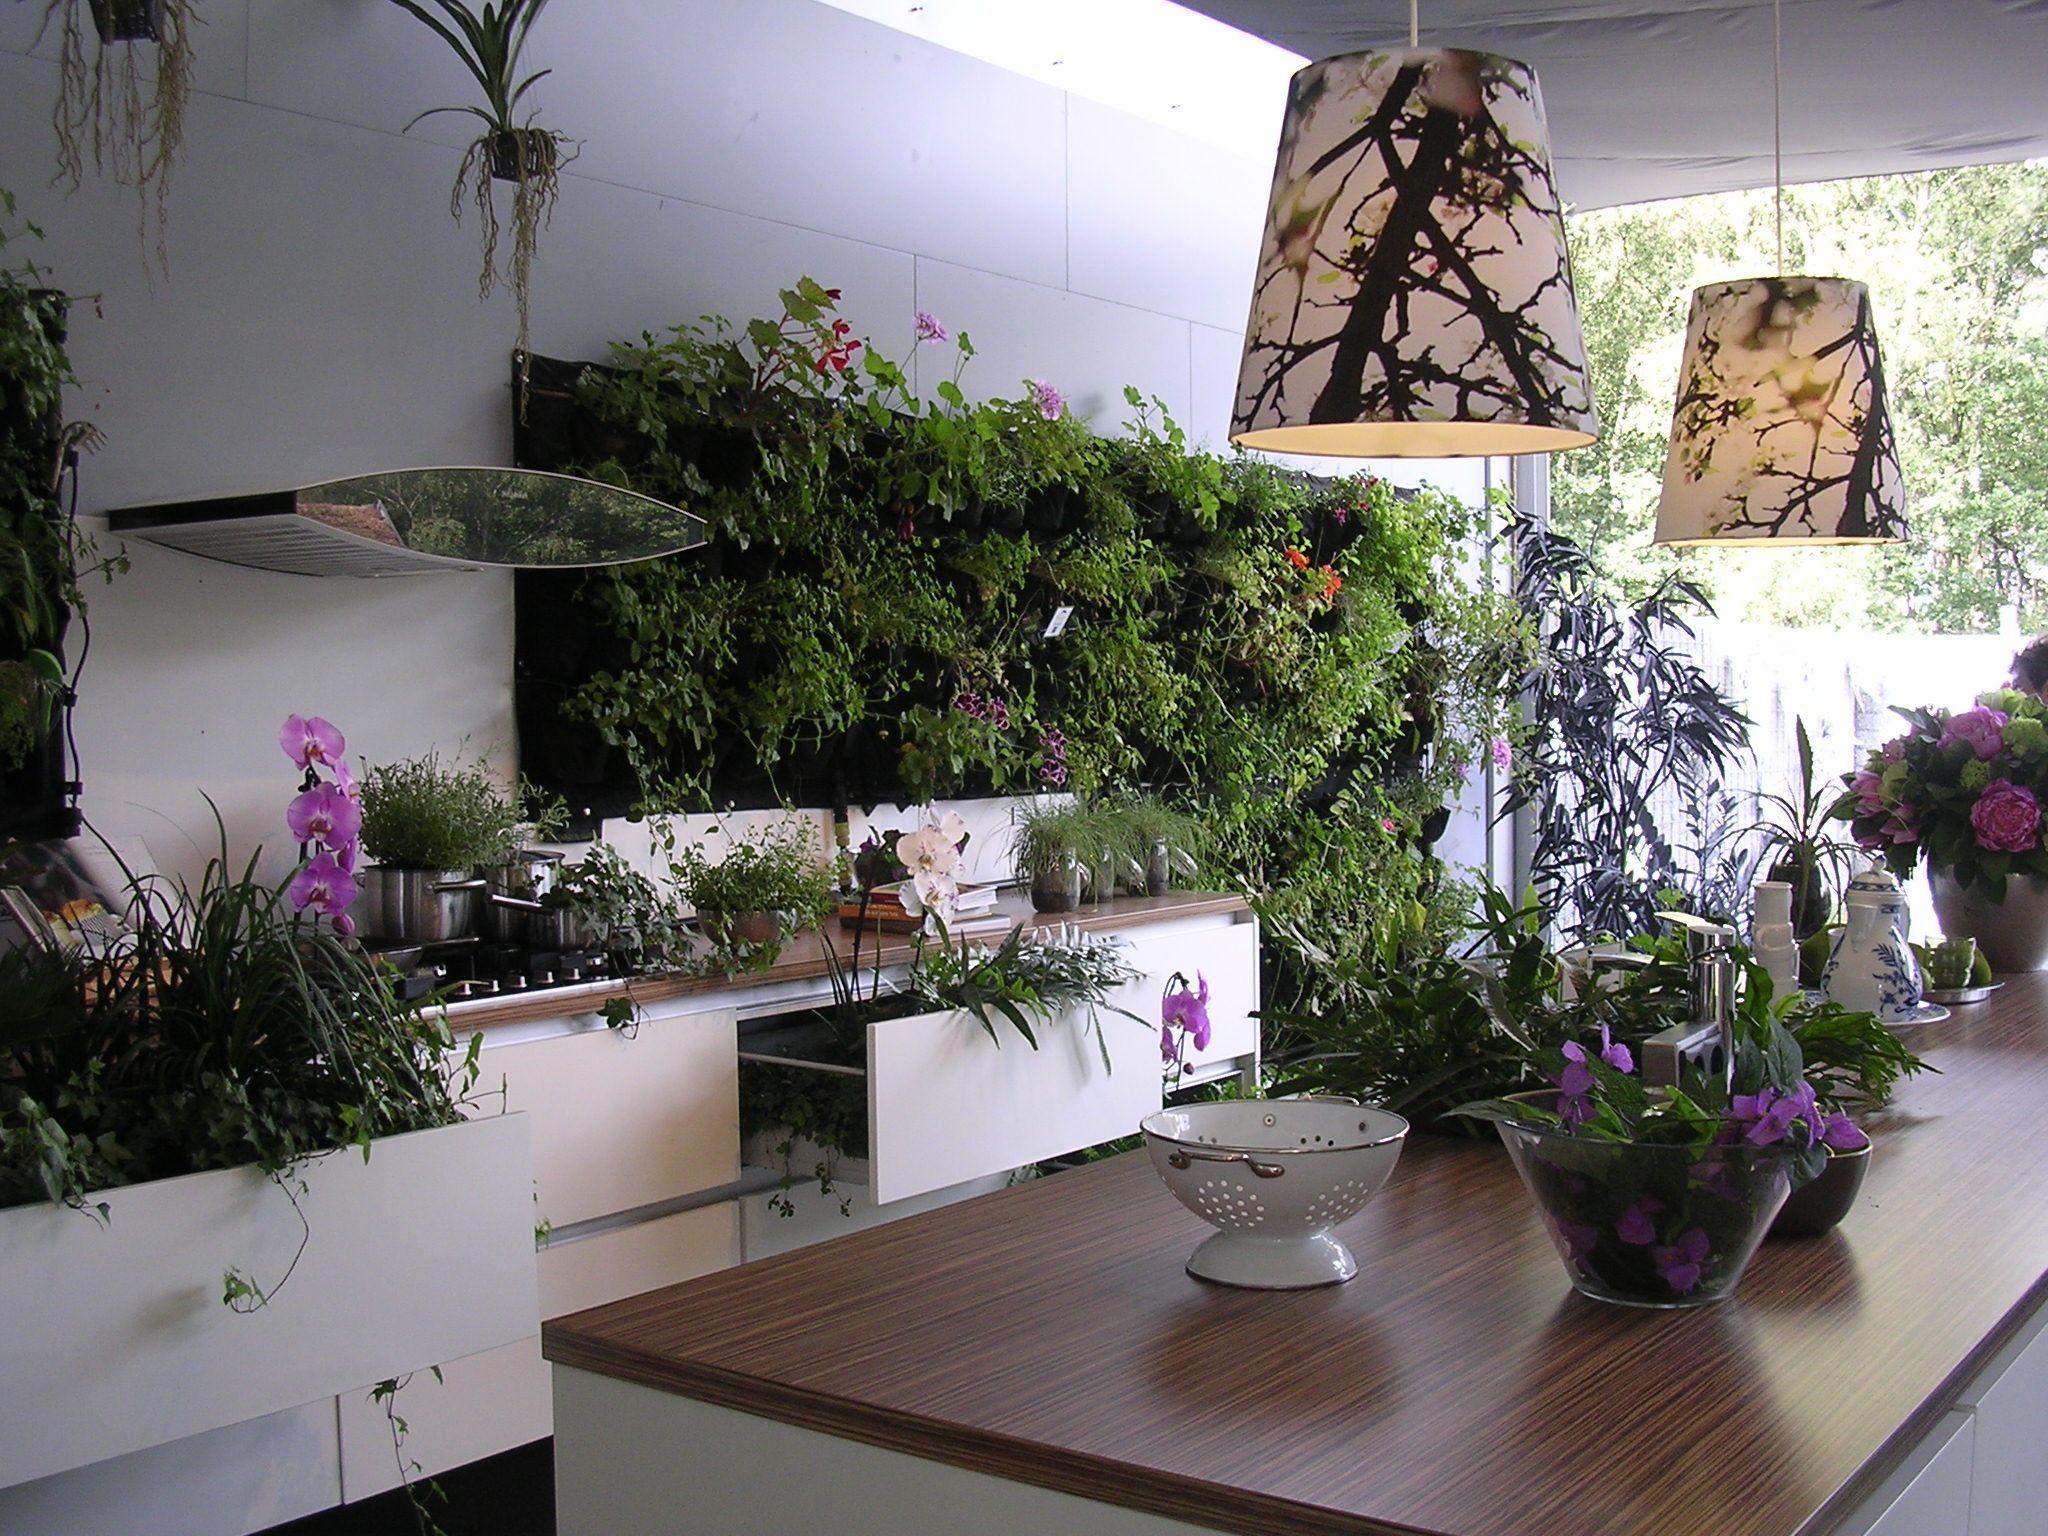 de toekomst van de groene woonkamer - architectuur.nl, Deco ideeën